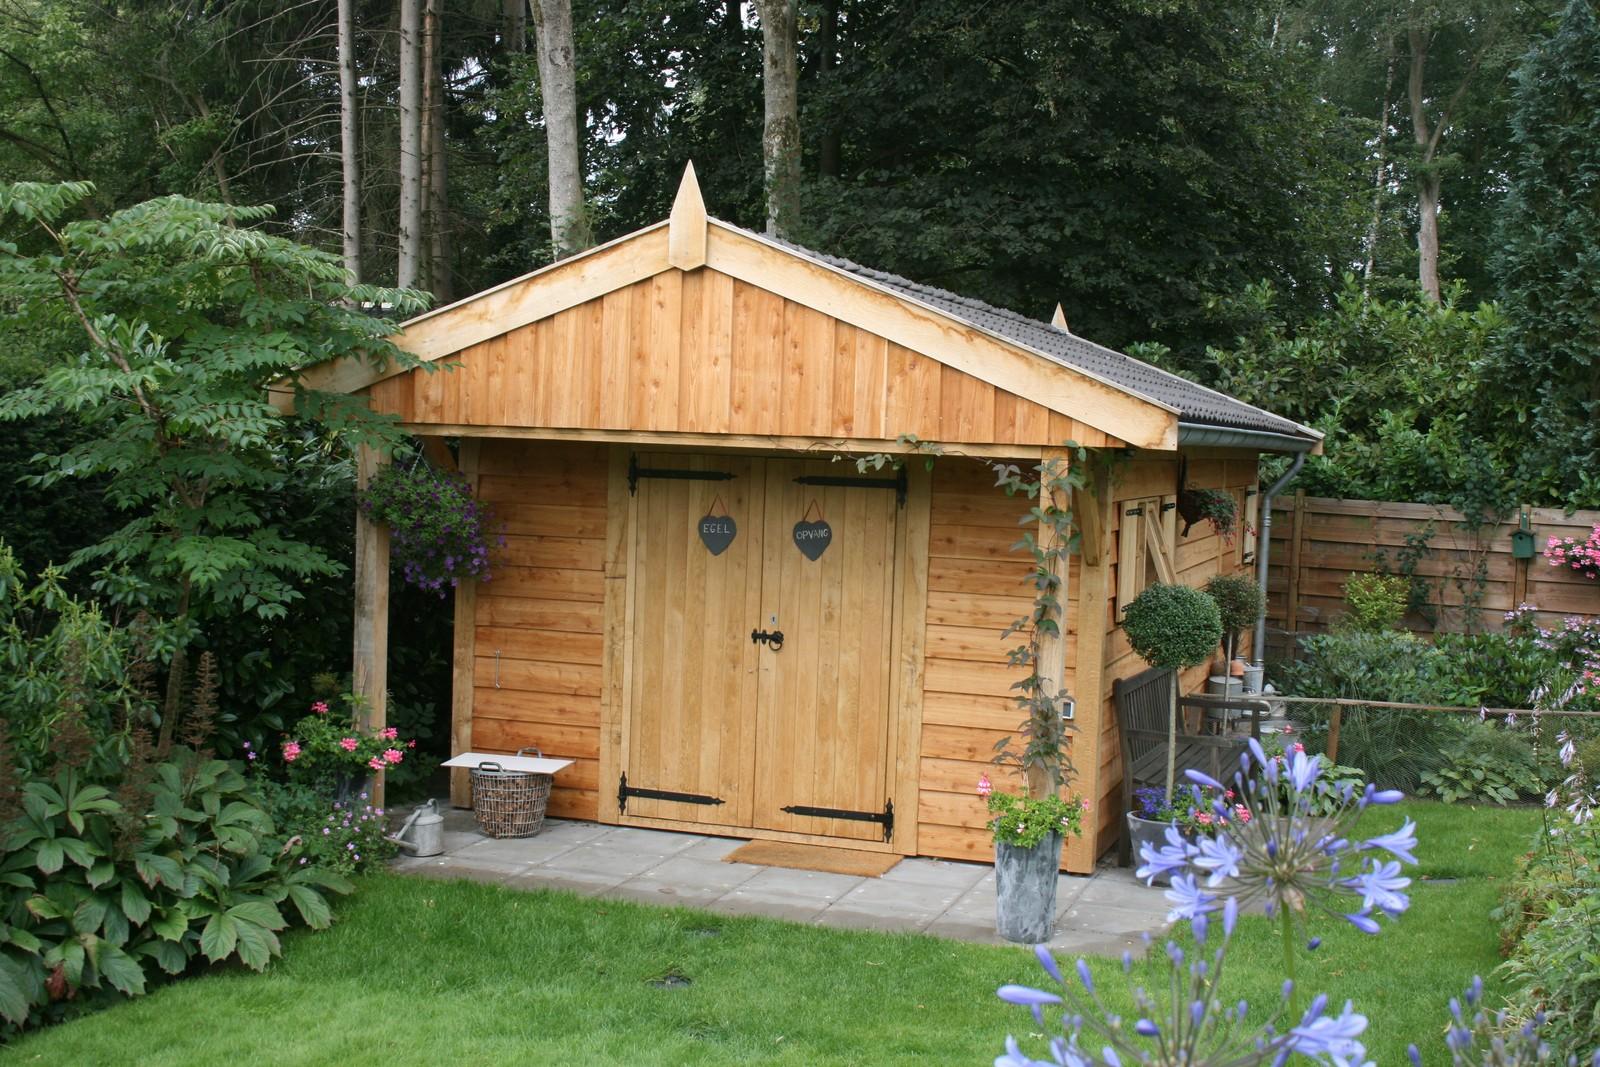 exclusieve_tuinhuis - Houten dierenopvang met overkapping gemaakt van duurzaam eikenhout.